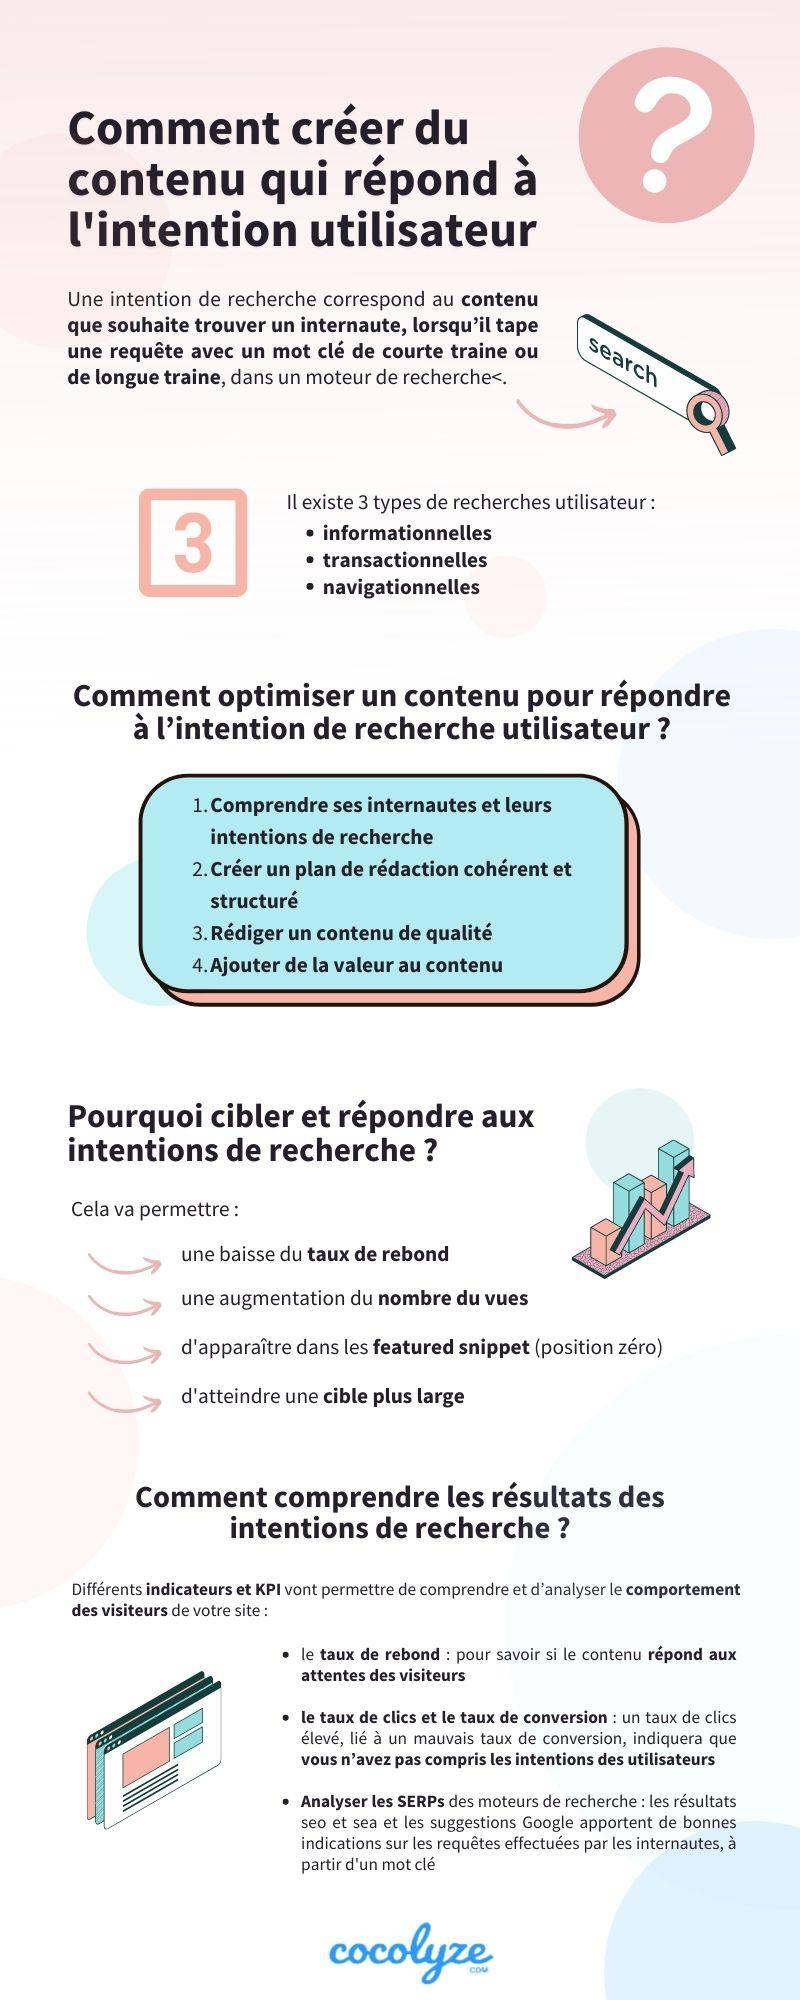 Infographie résumé - Comment créer du contenu répondant à l'intention utilisateur ?